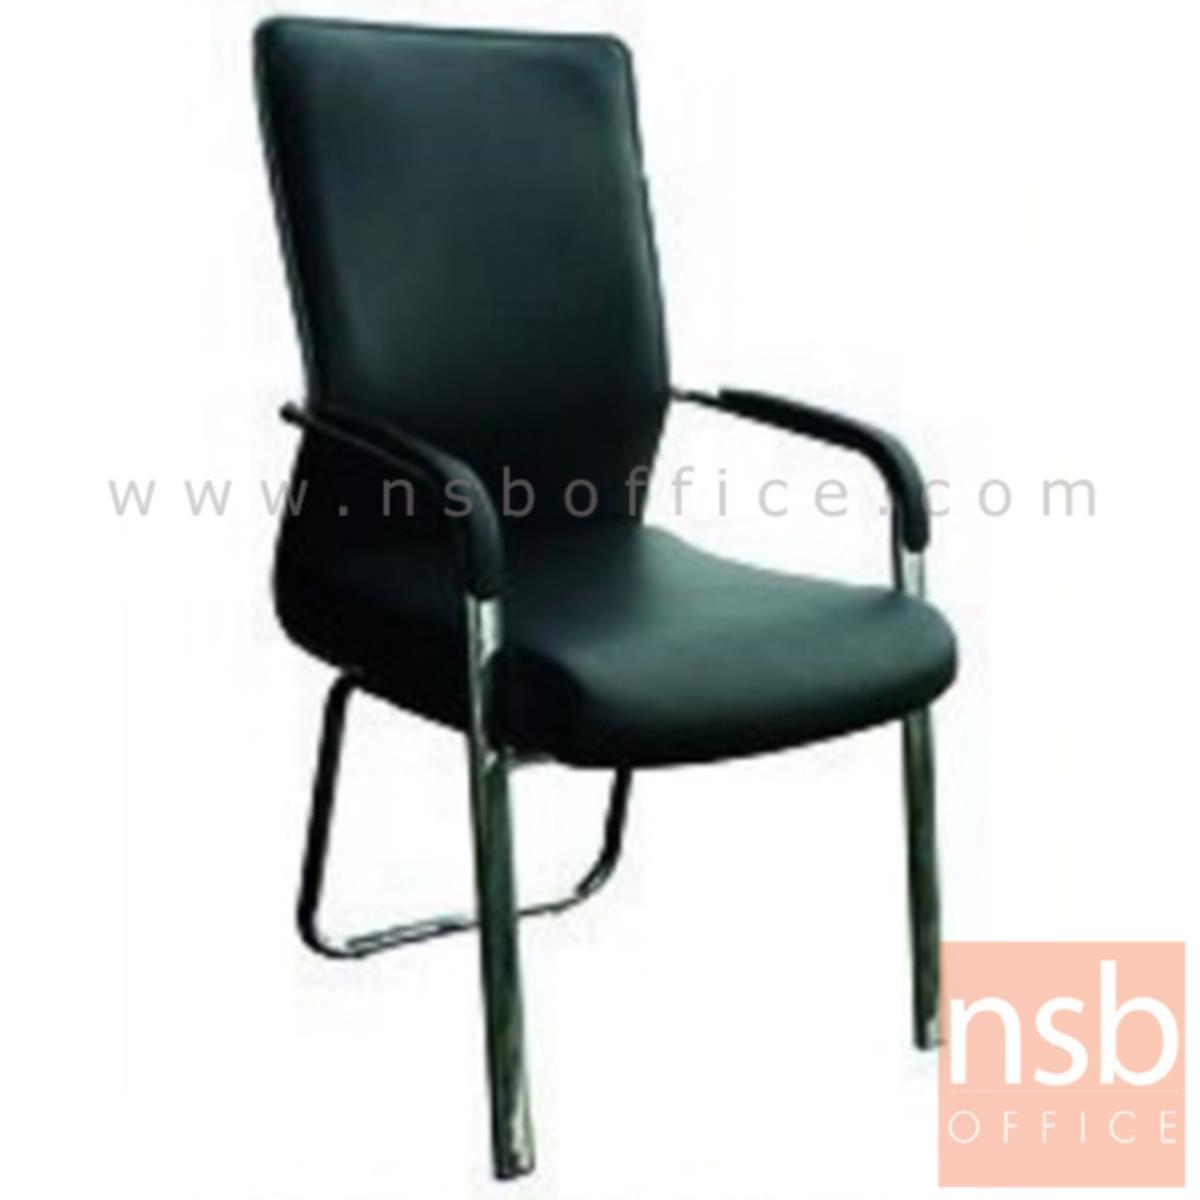 เก้าอี้รับแขก รุ่น ID-ZM3 หุ้มหนังเทียม โครงขาเหล็ก